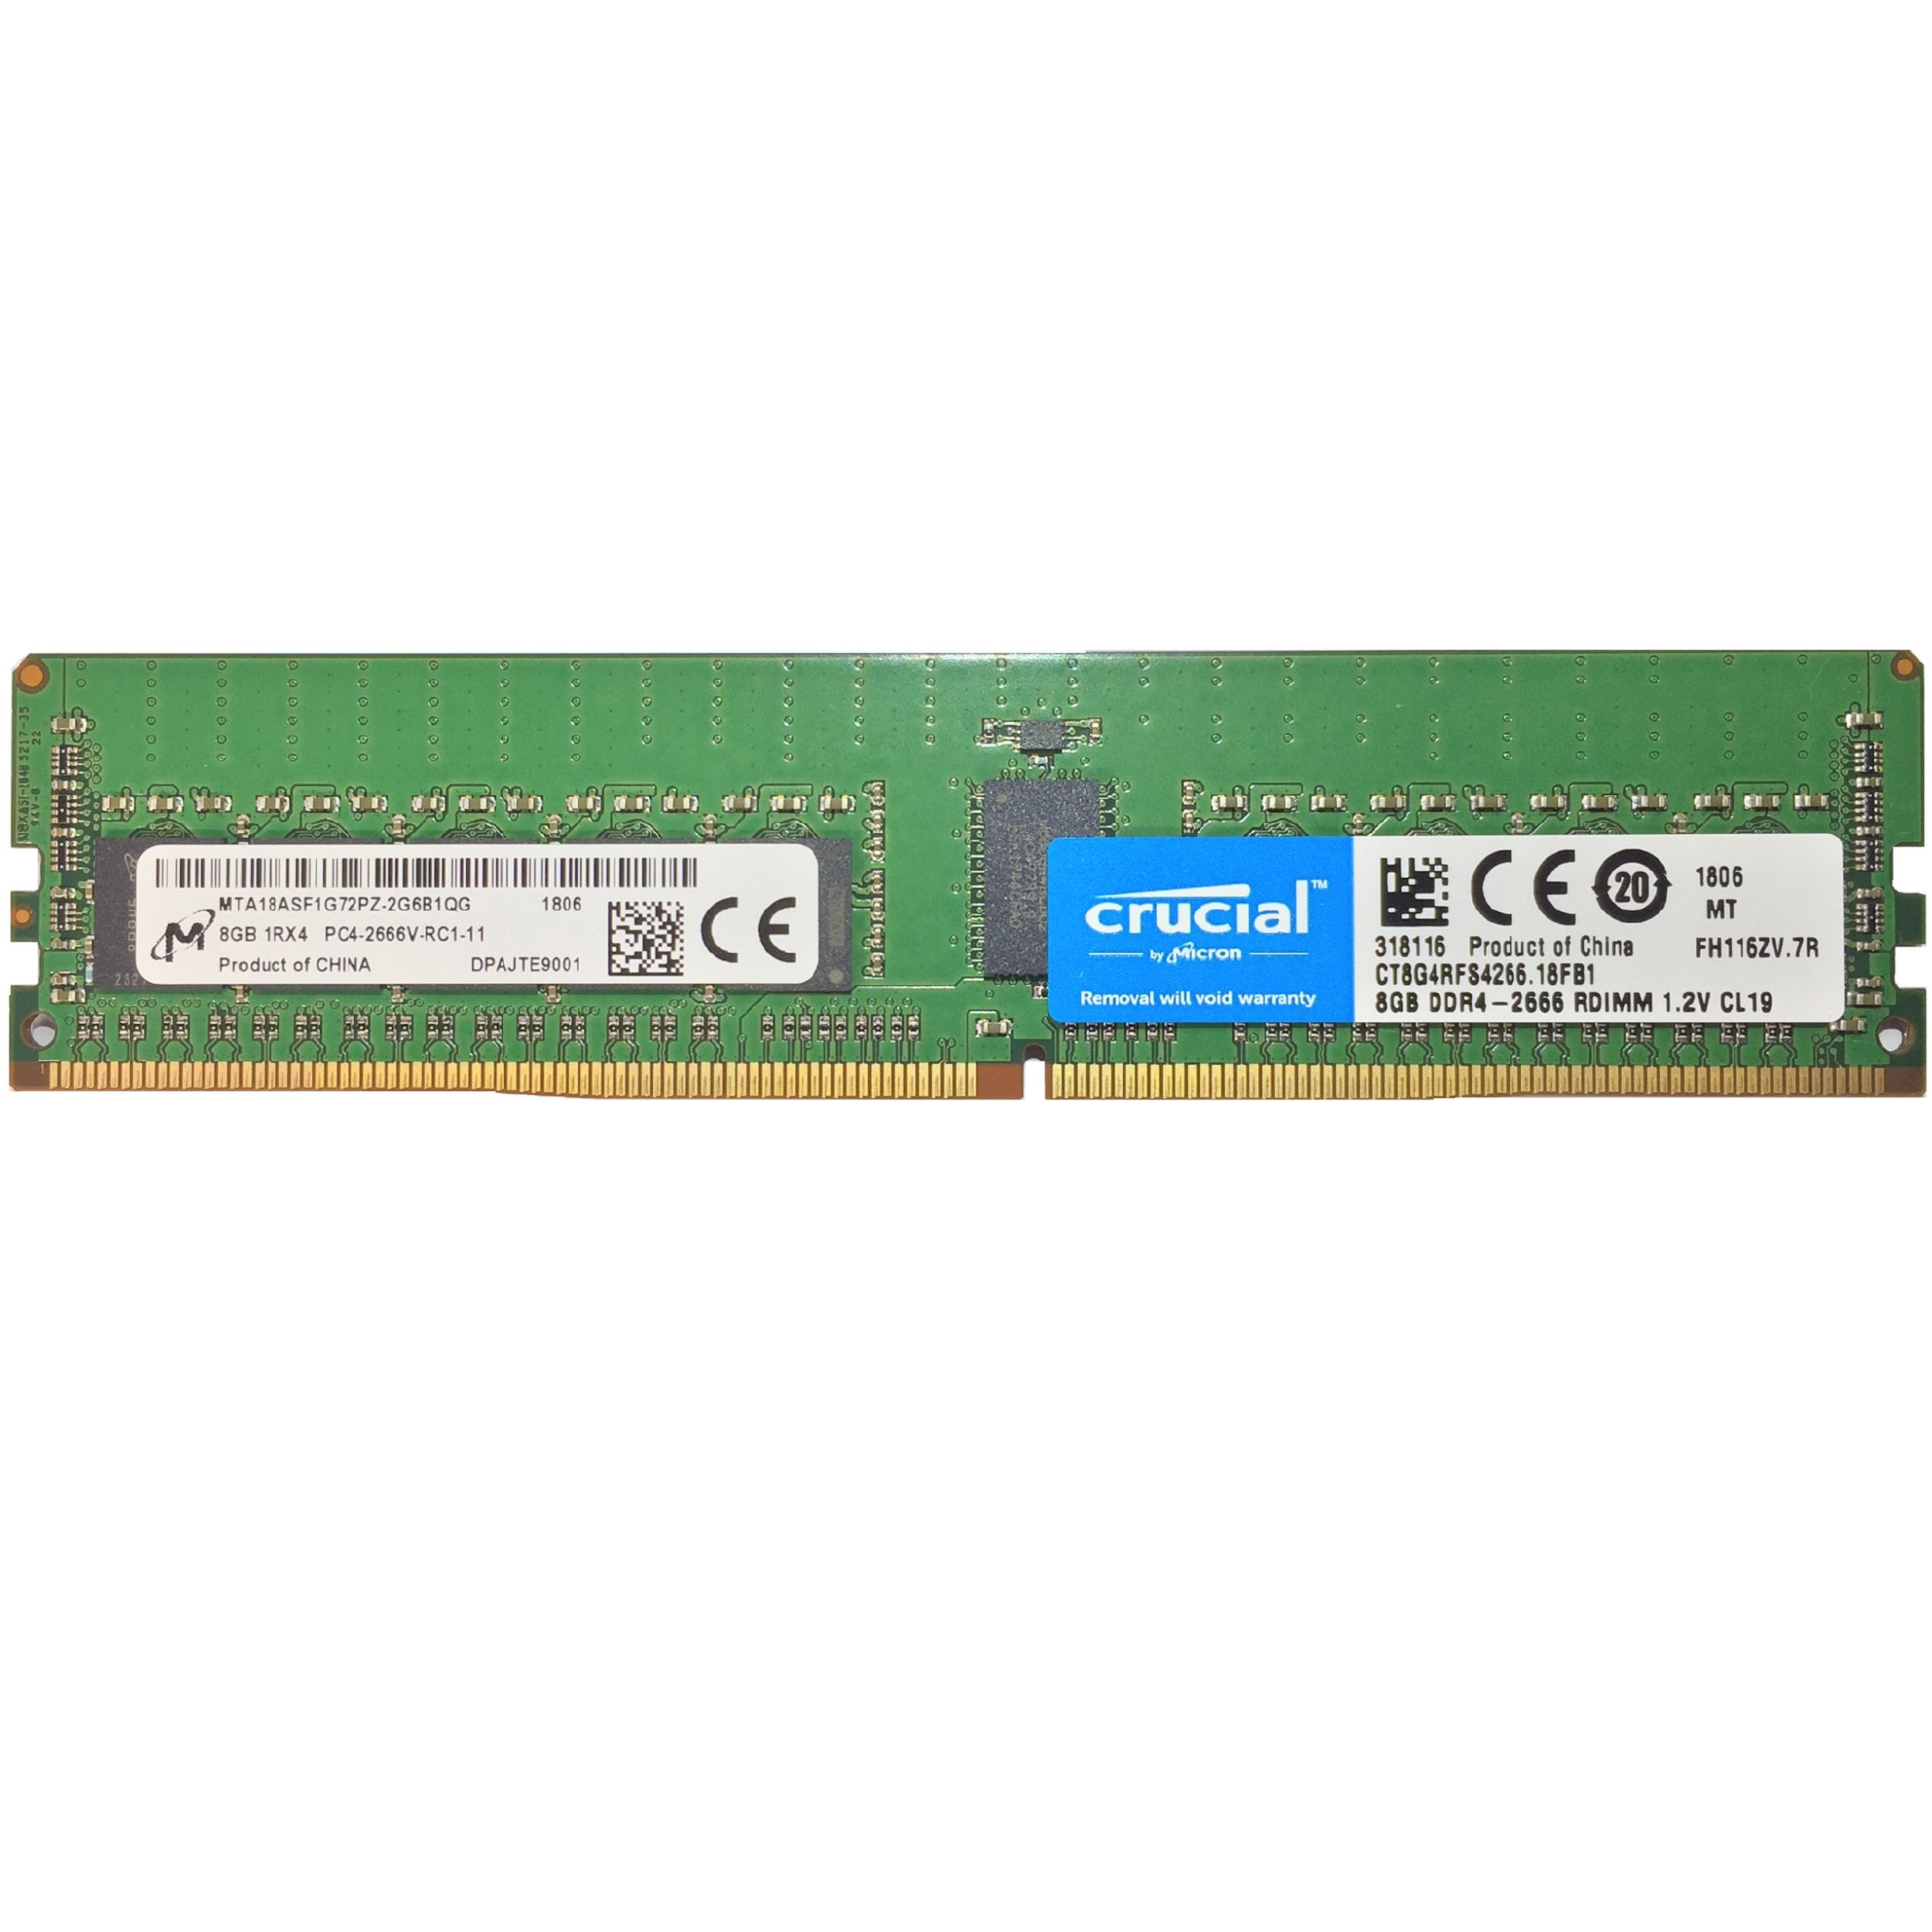 رم سرور DDR4 تک کاناله 2666 مگاهرتز CL19 کروشیال مدل CT8G4RFS4266.18FB1 ظرفیت 8 گیگابایت